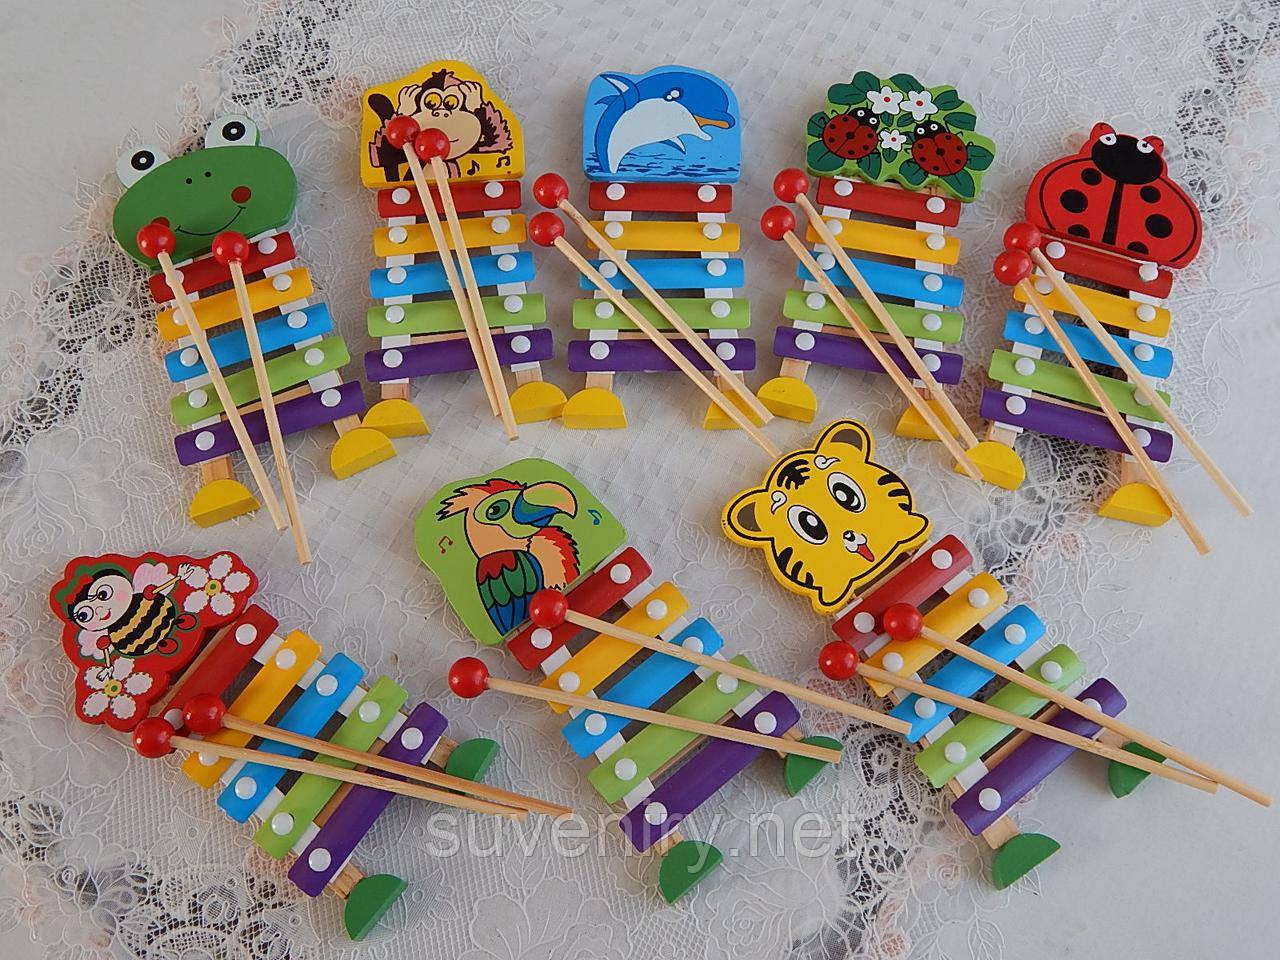 Деревянная детская музыкальная игра ксилофон